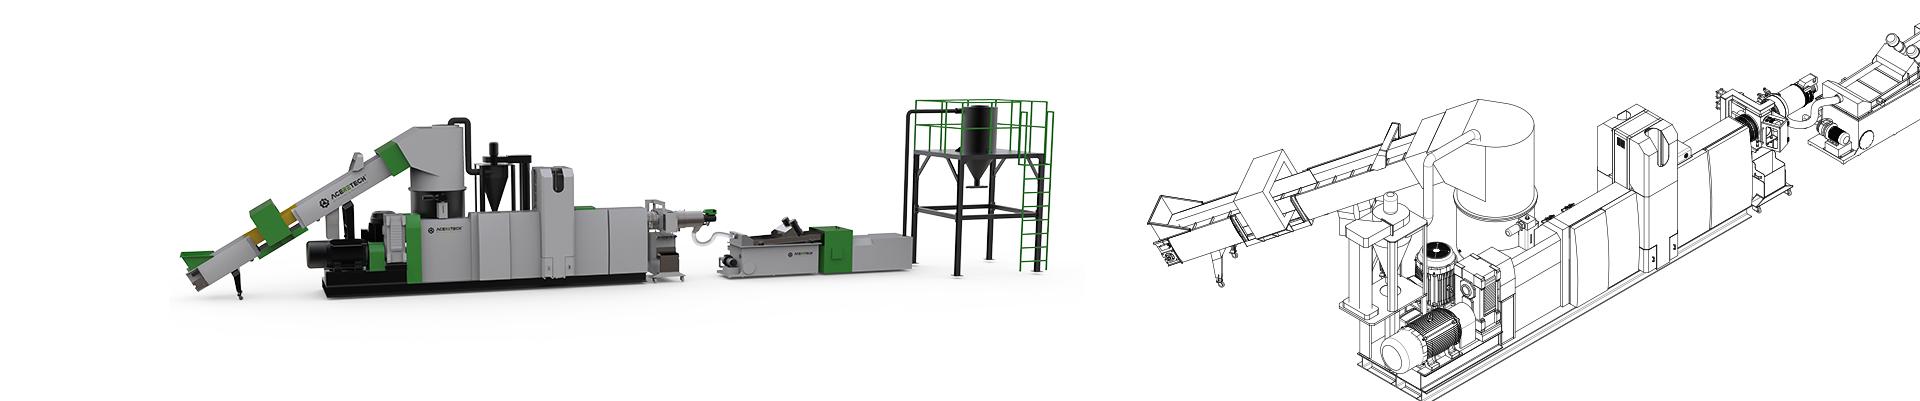 ACS-PRO卓越排气过滤造粒生产线